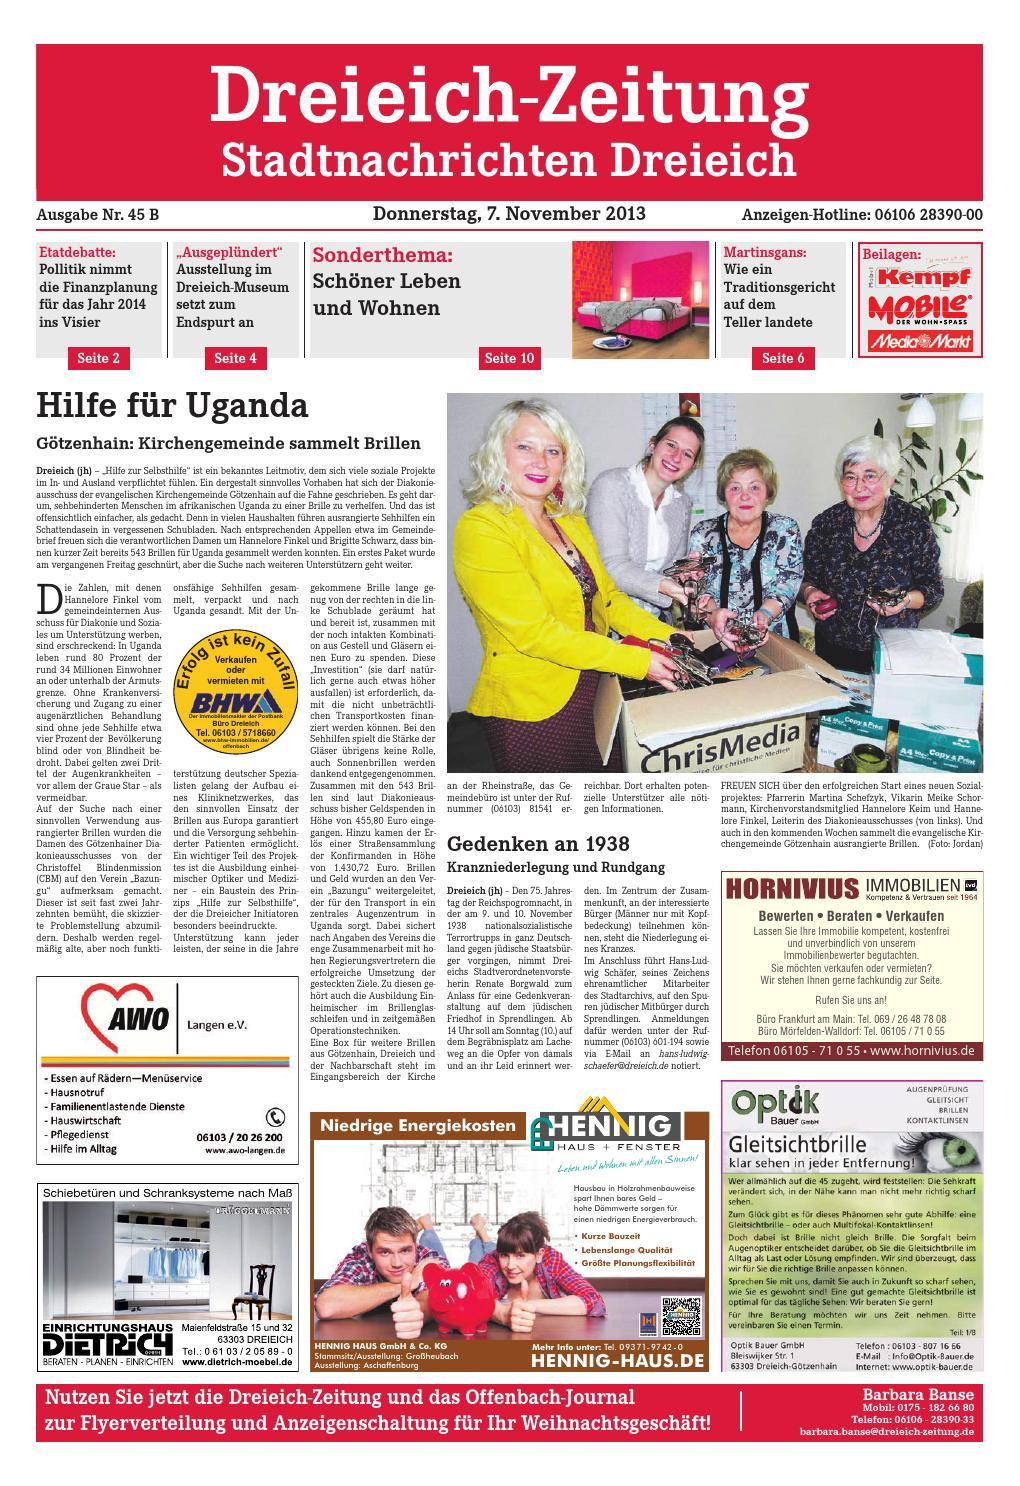 Dz Online 045 13 B By Dreieich Zeitung Offenbach Journal Issuu